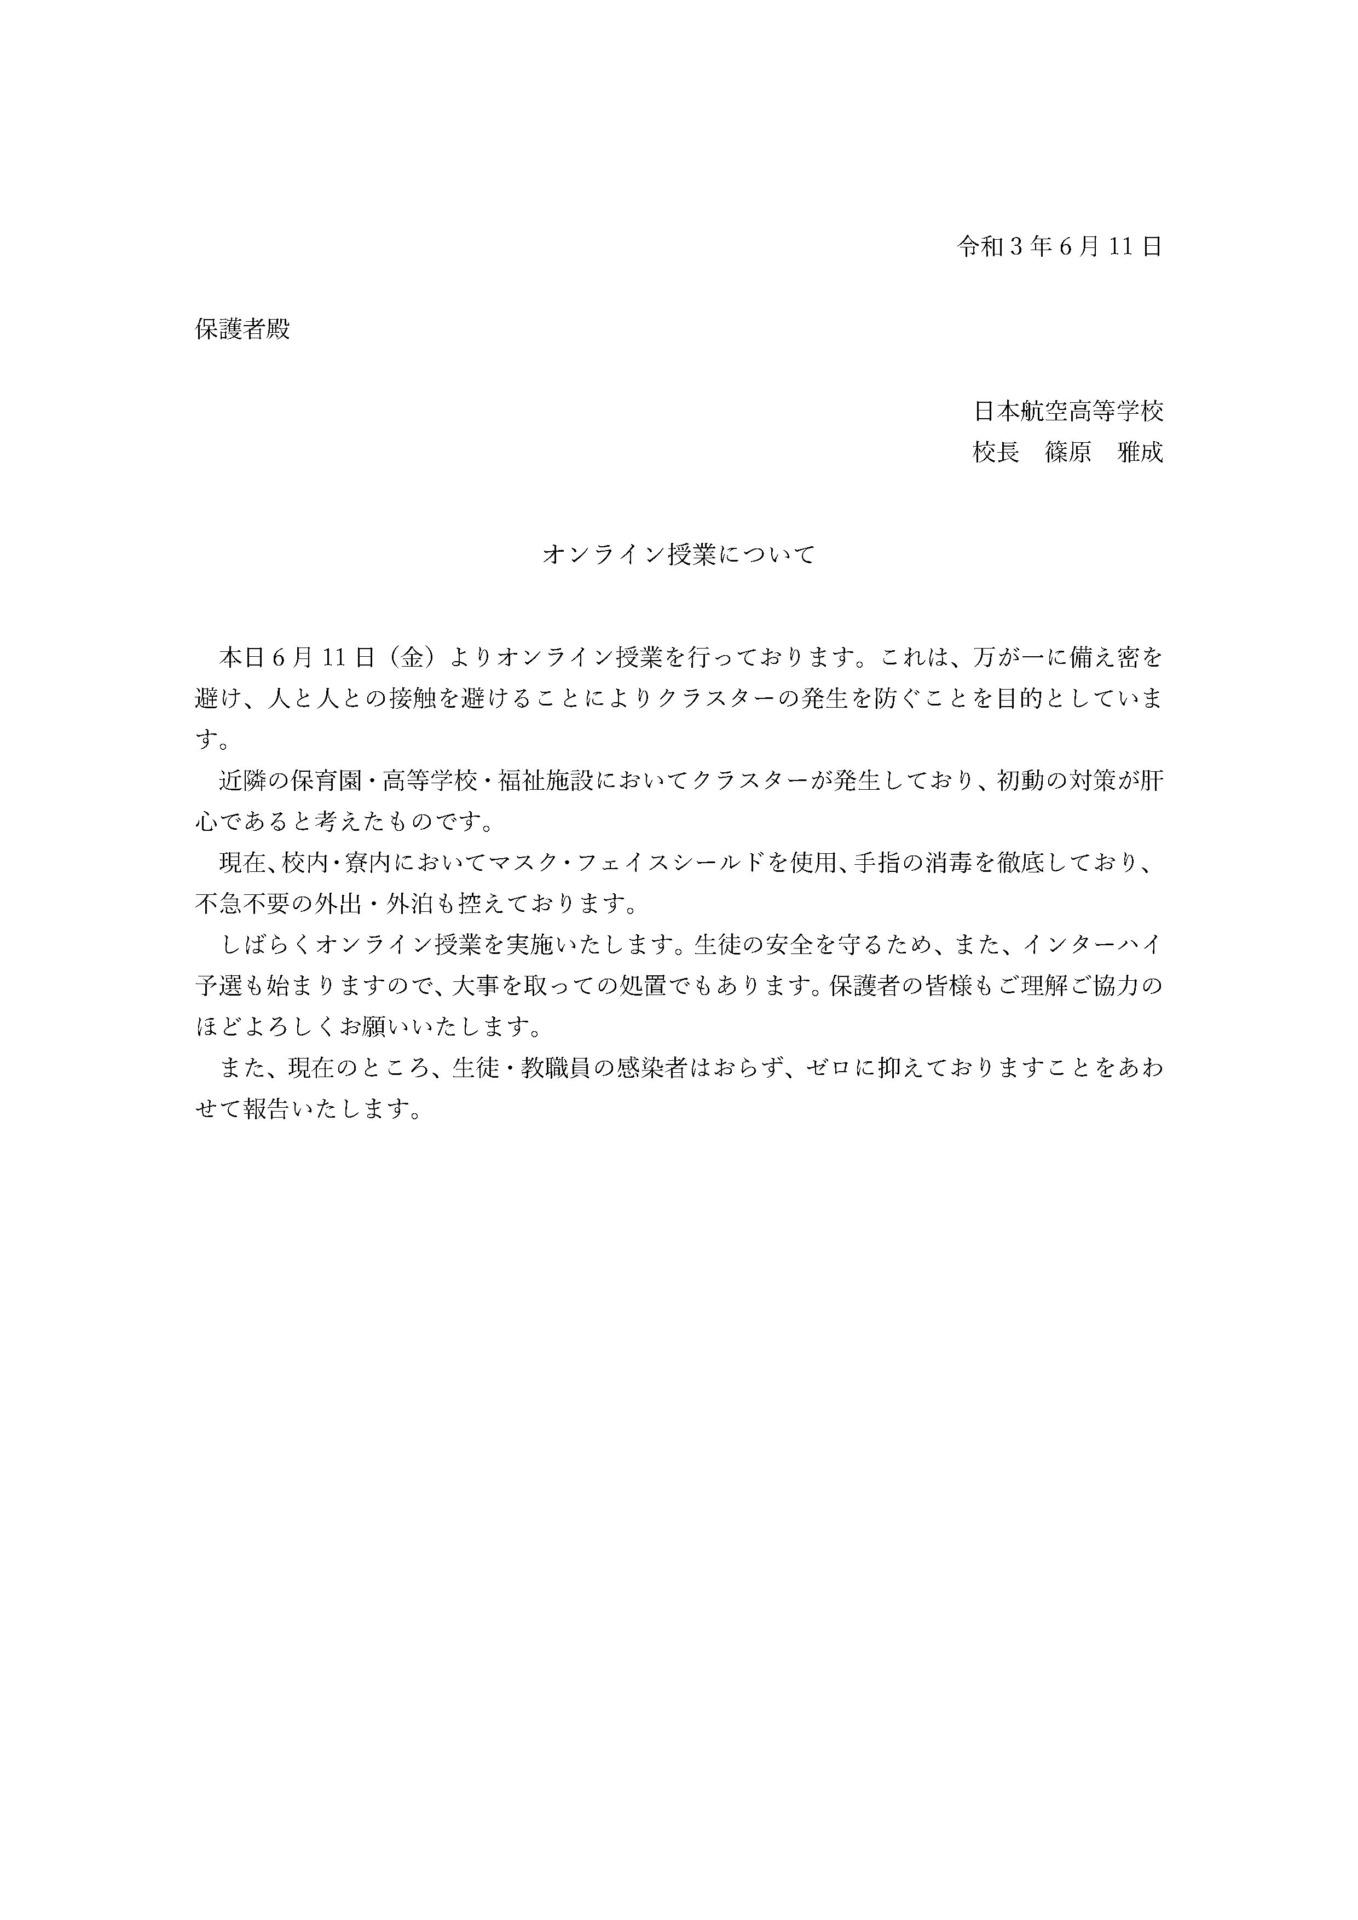 """<span class=""""title"""">【お知らせ】オンライン授業について(山梨キャンパス)</span>"""